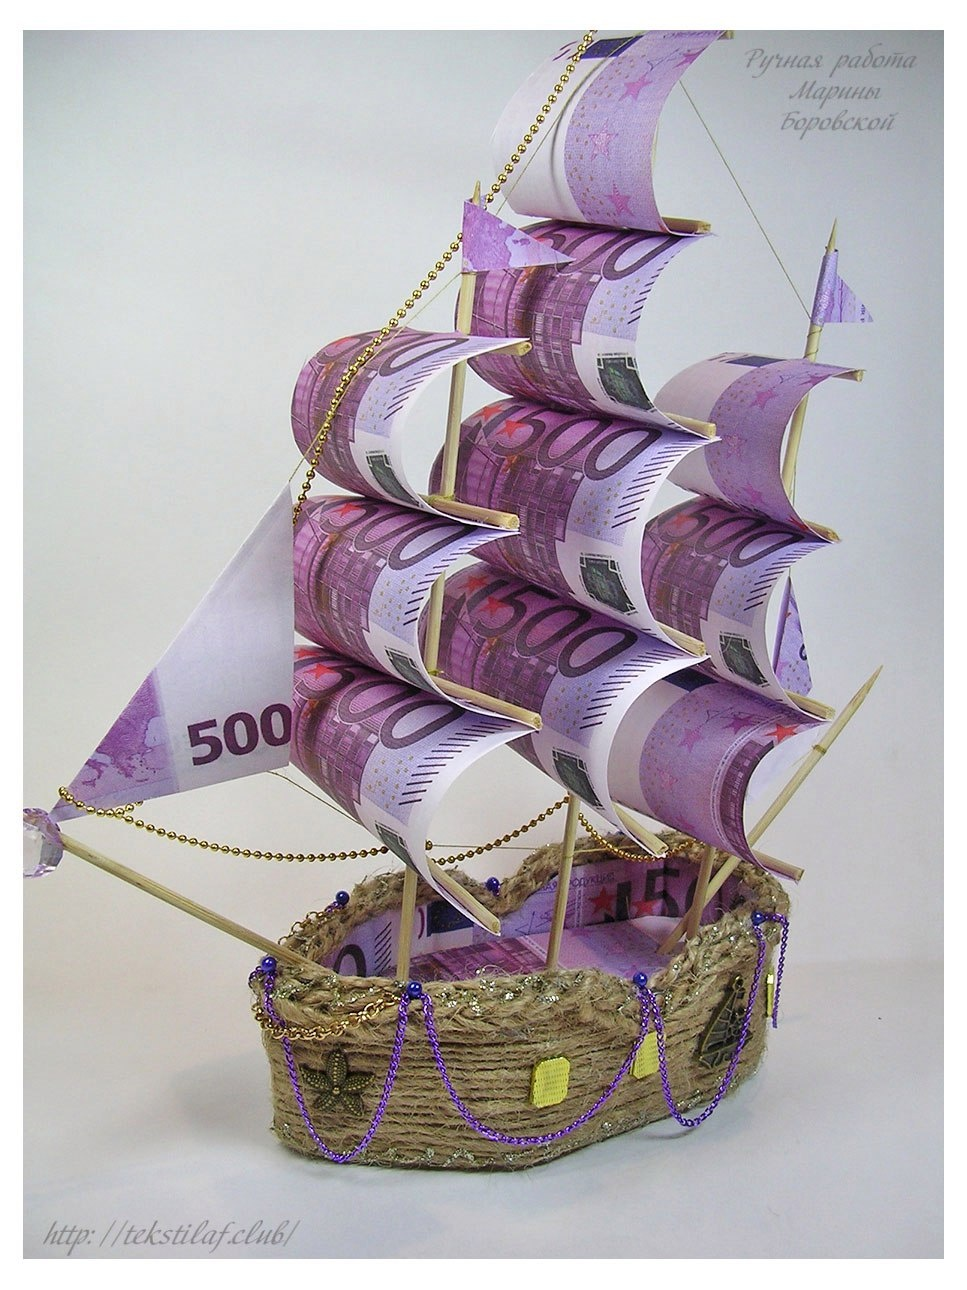 Как сделать денежный корабль своими руками поэтапно